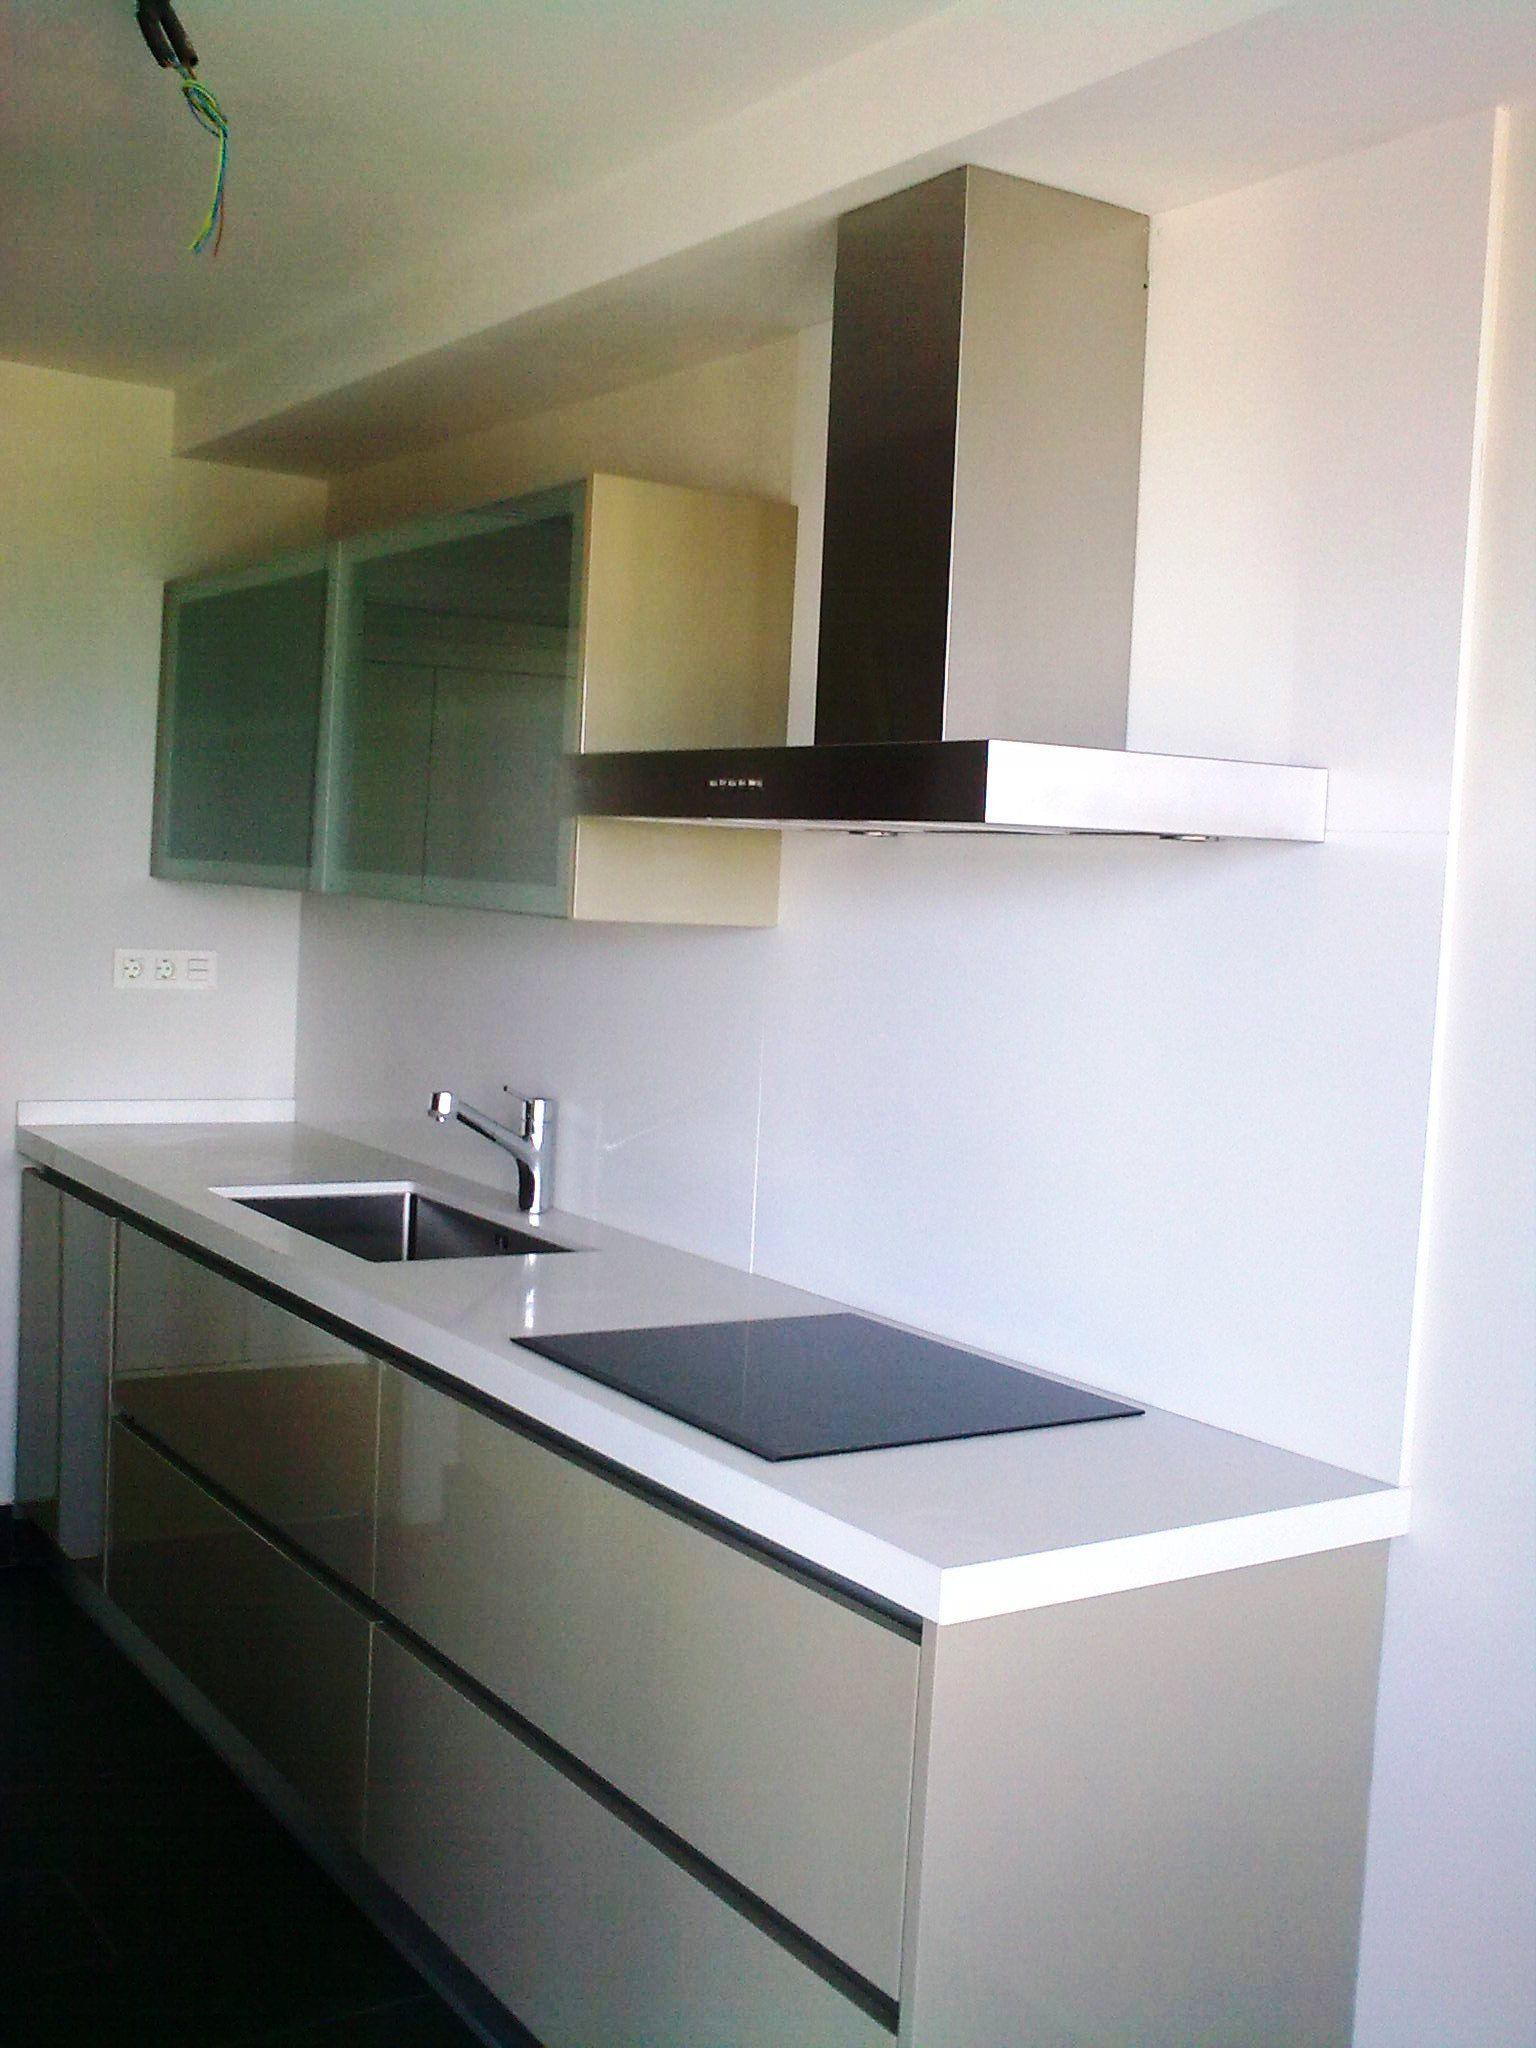 Amplia cocina de 15m2 con mobiliario italiano muy alta for Cocinas integrales de alta gama